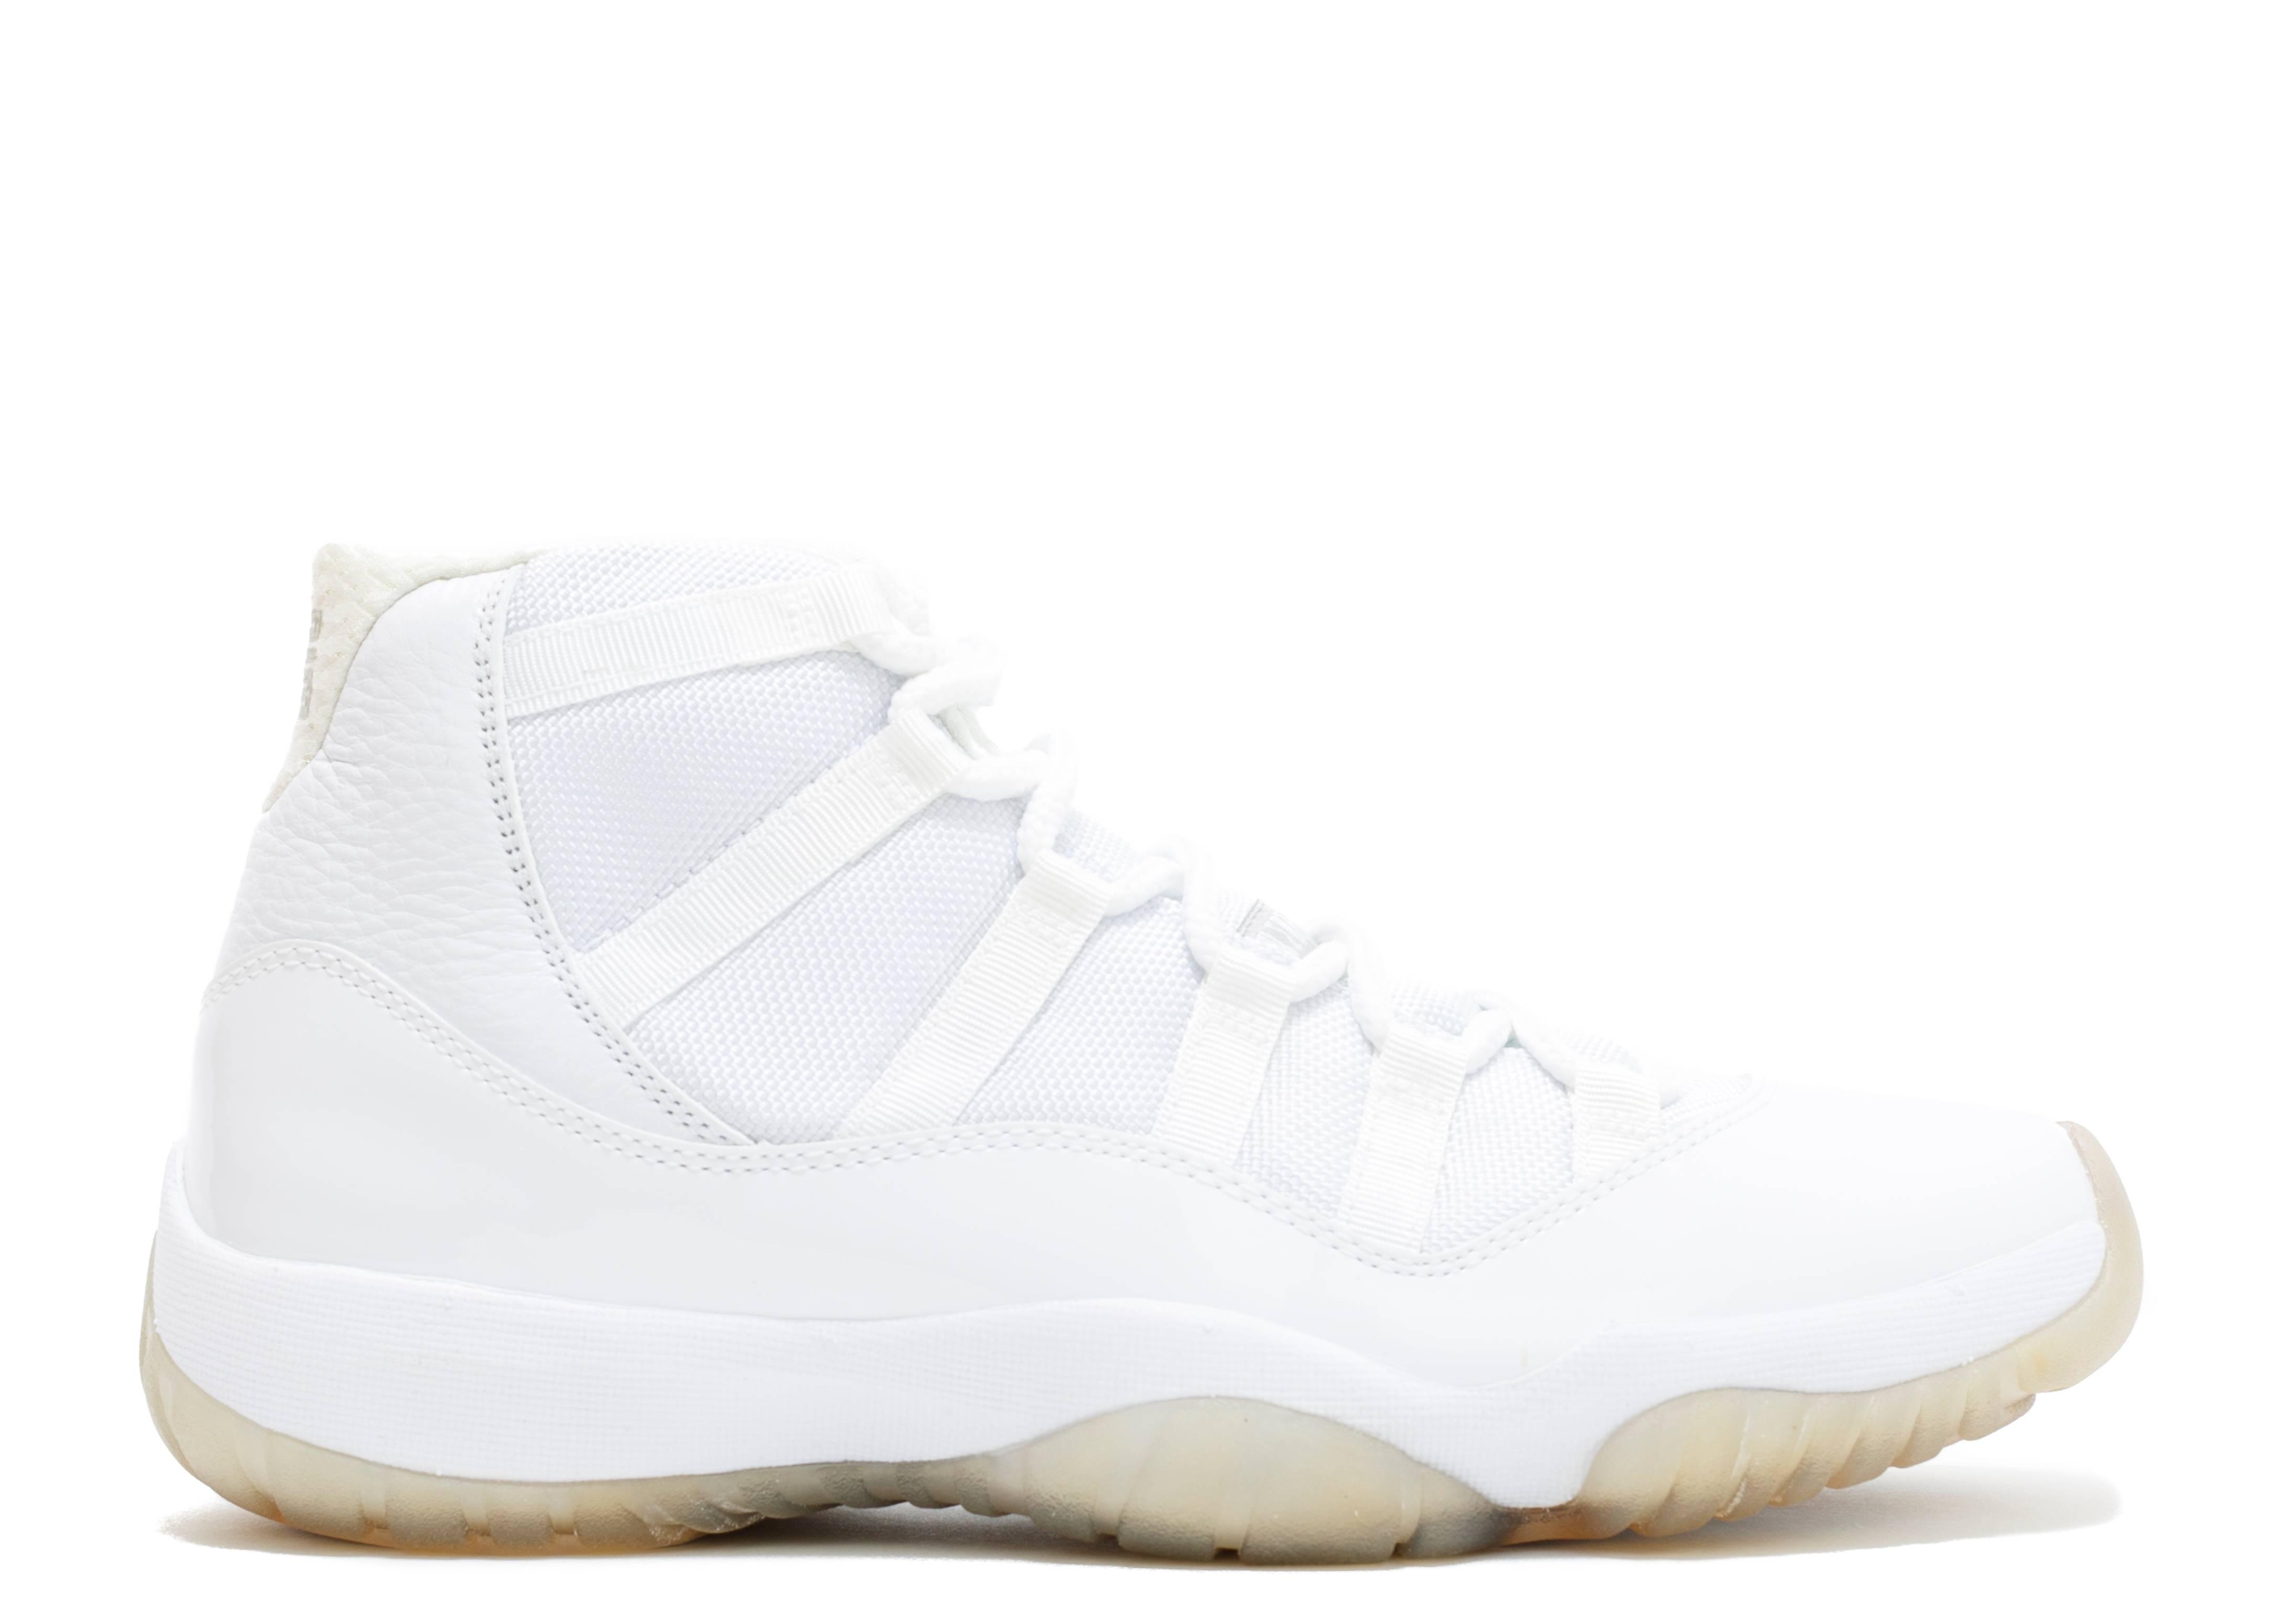 jordan 11 all white